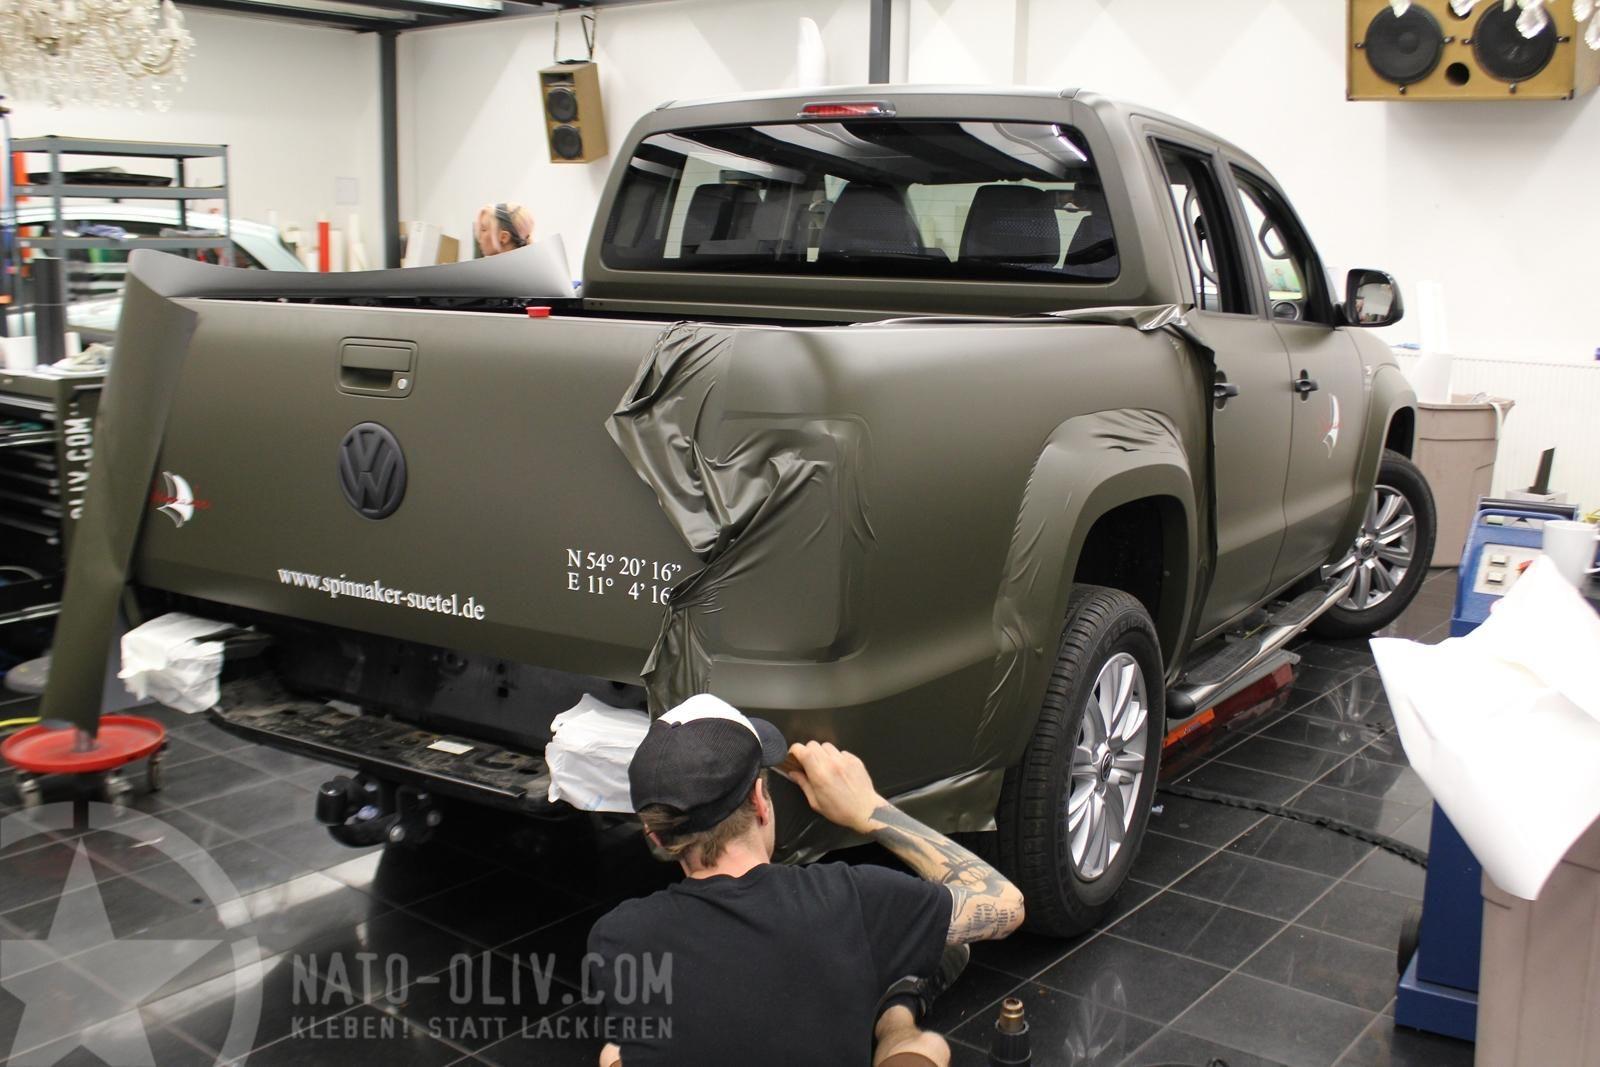 VW AMAROK IN NATO-OLIV MATT | Nato-Oliv.com | autos | Pinterest ...